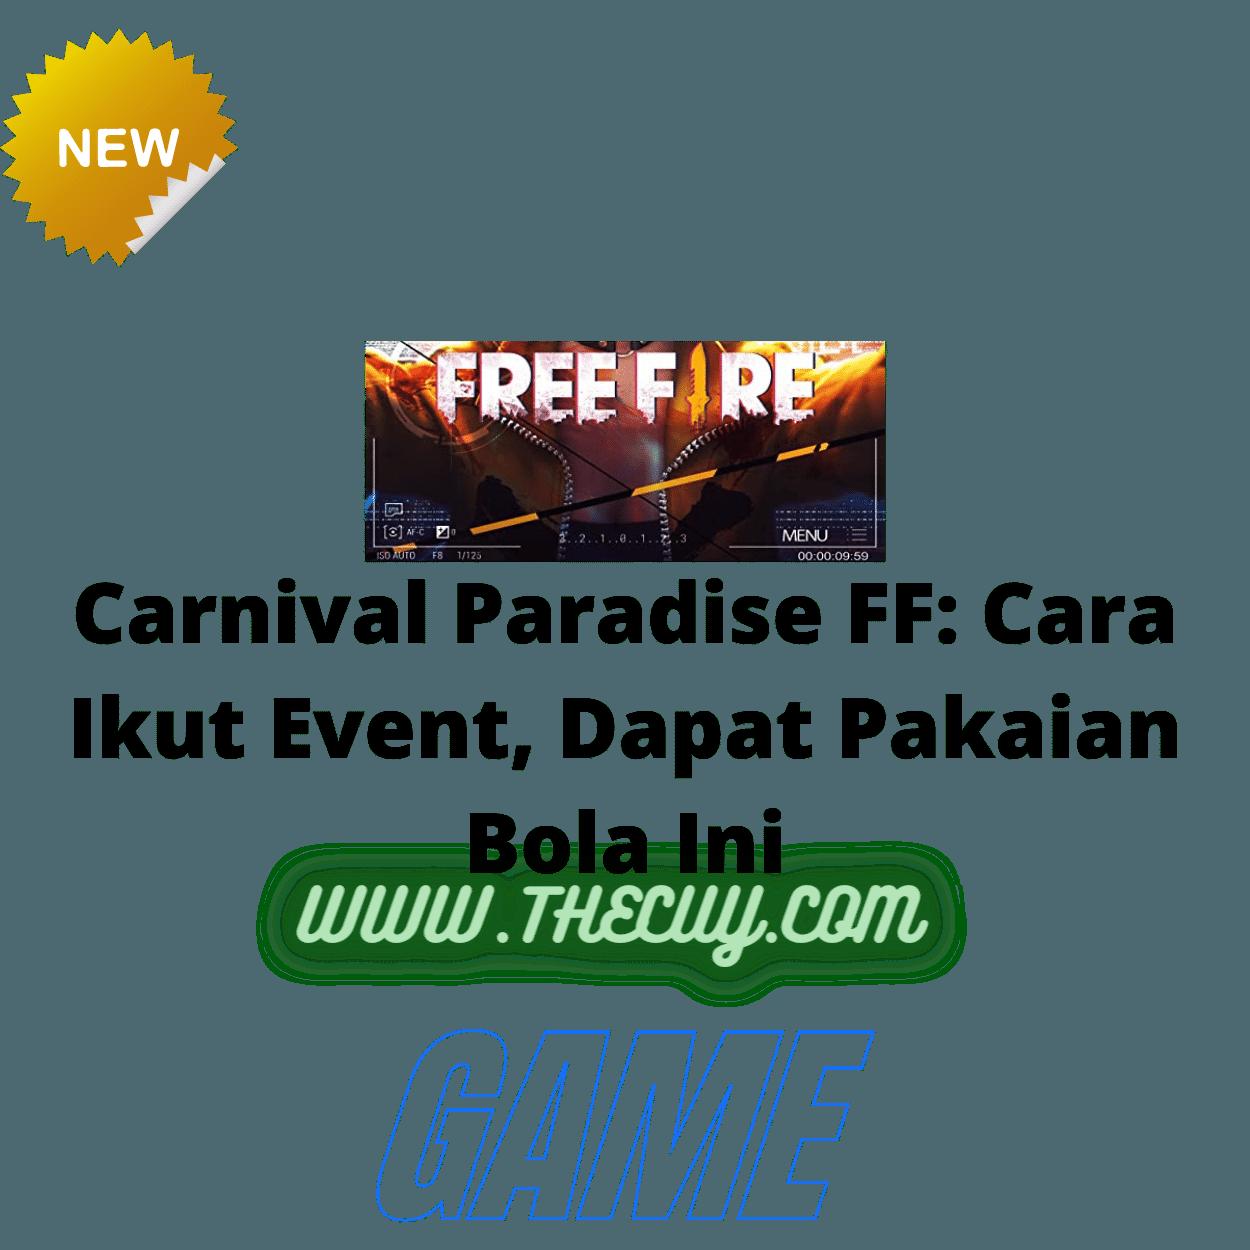 Carnival Paradise FF: Cara Ikut Event, Dapat Pakaian Bola Ini